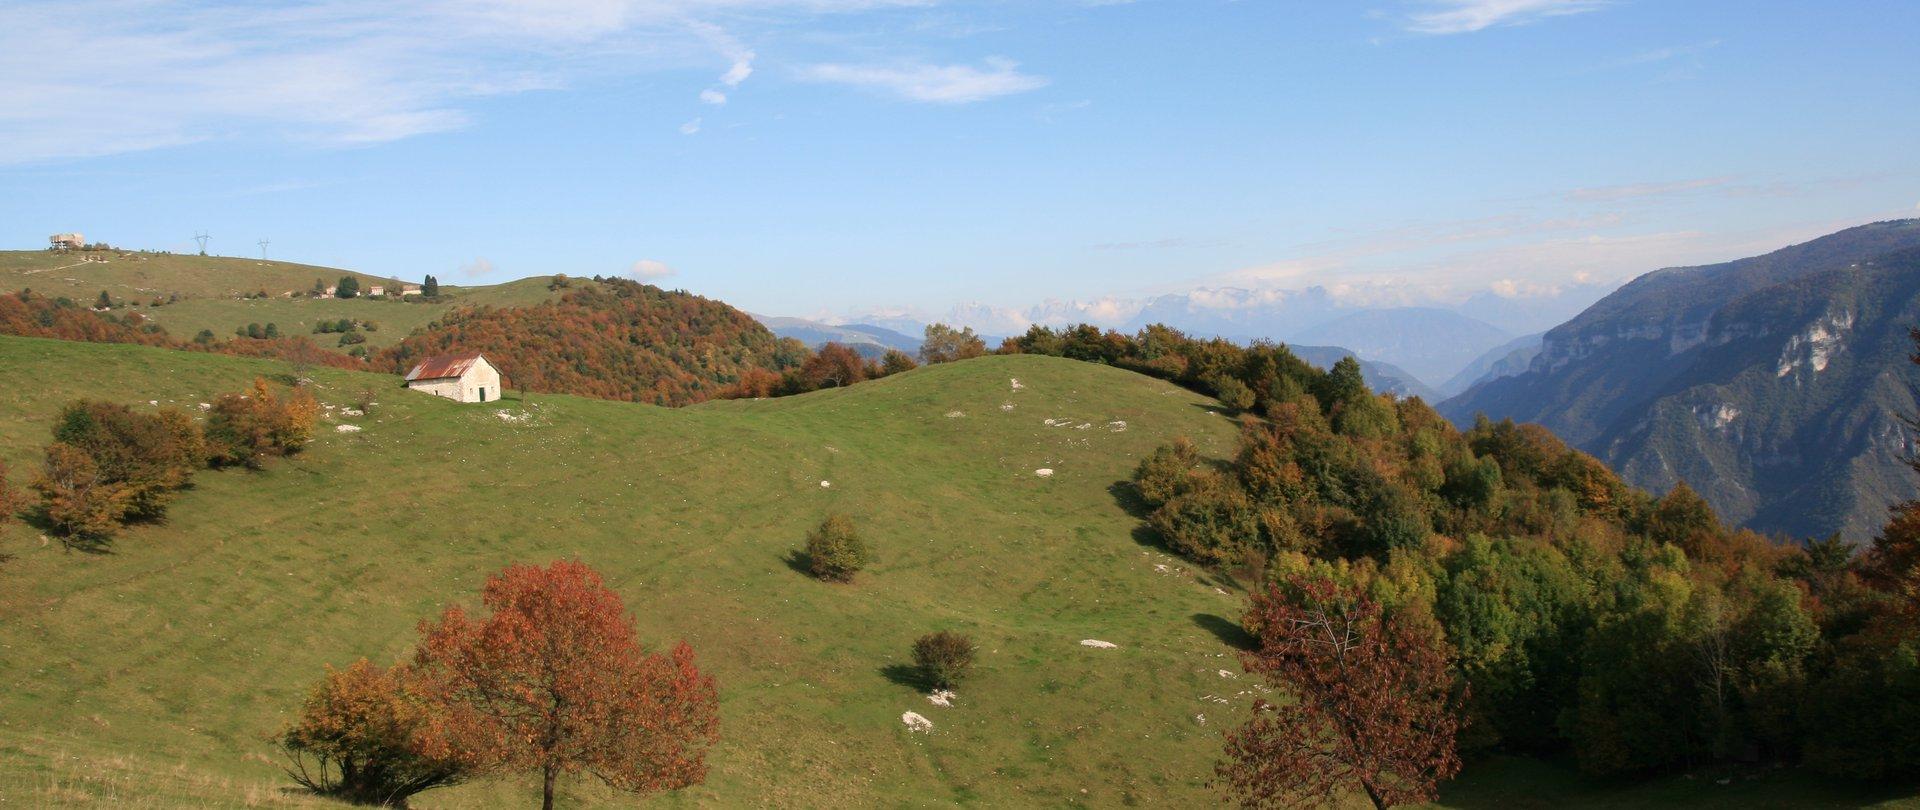 museo sarfatti guide altopiano w n1